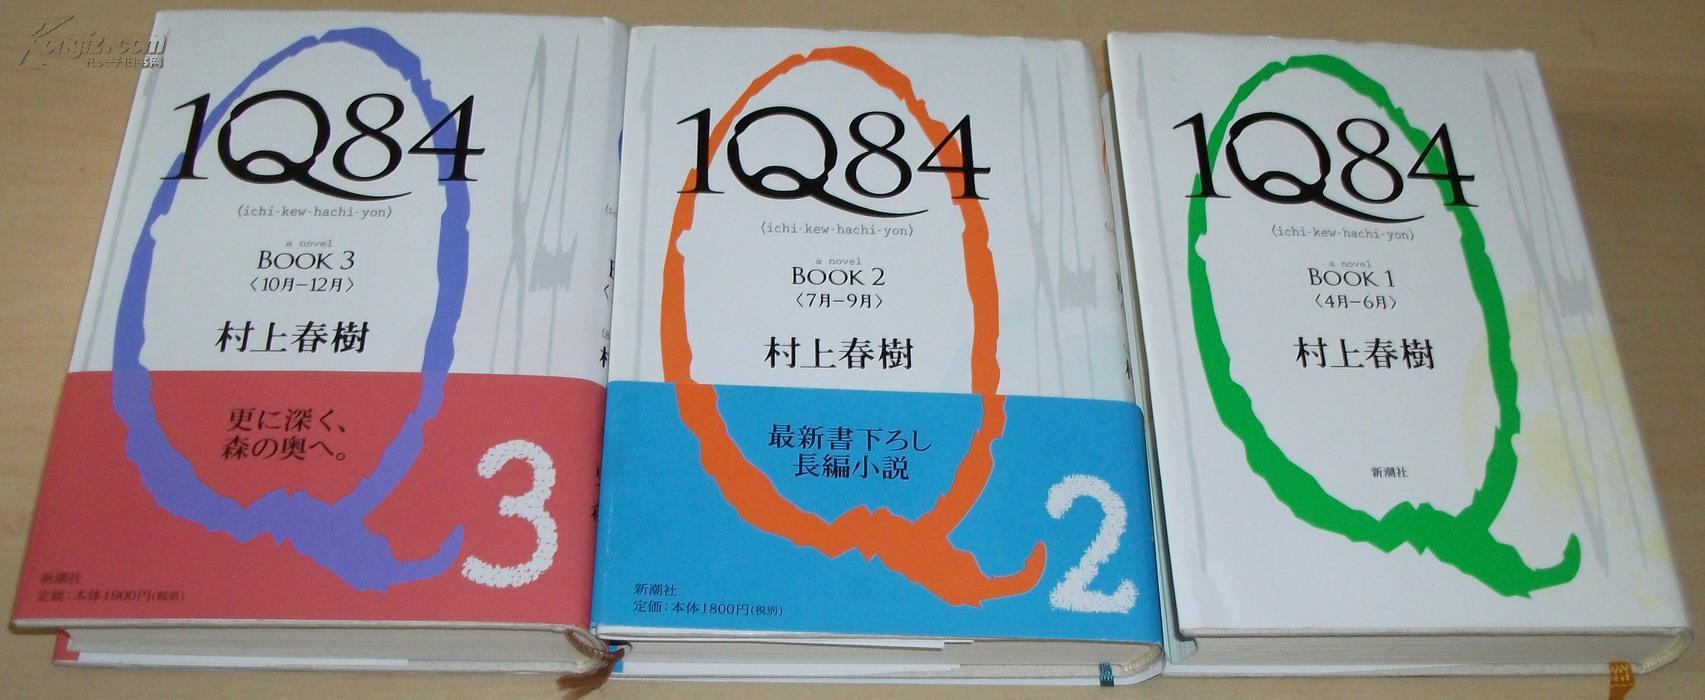 1q84 book 1:4月-6月